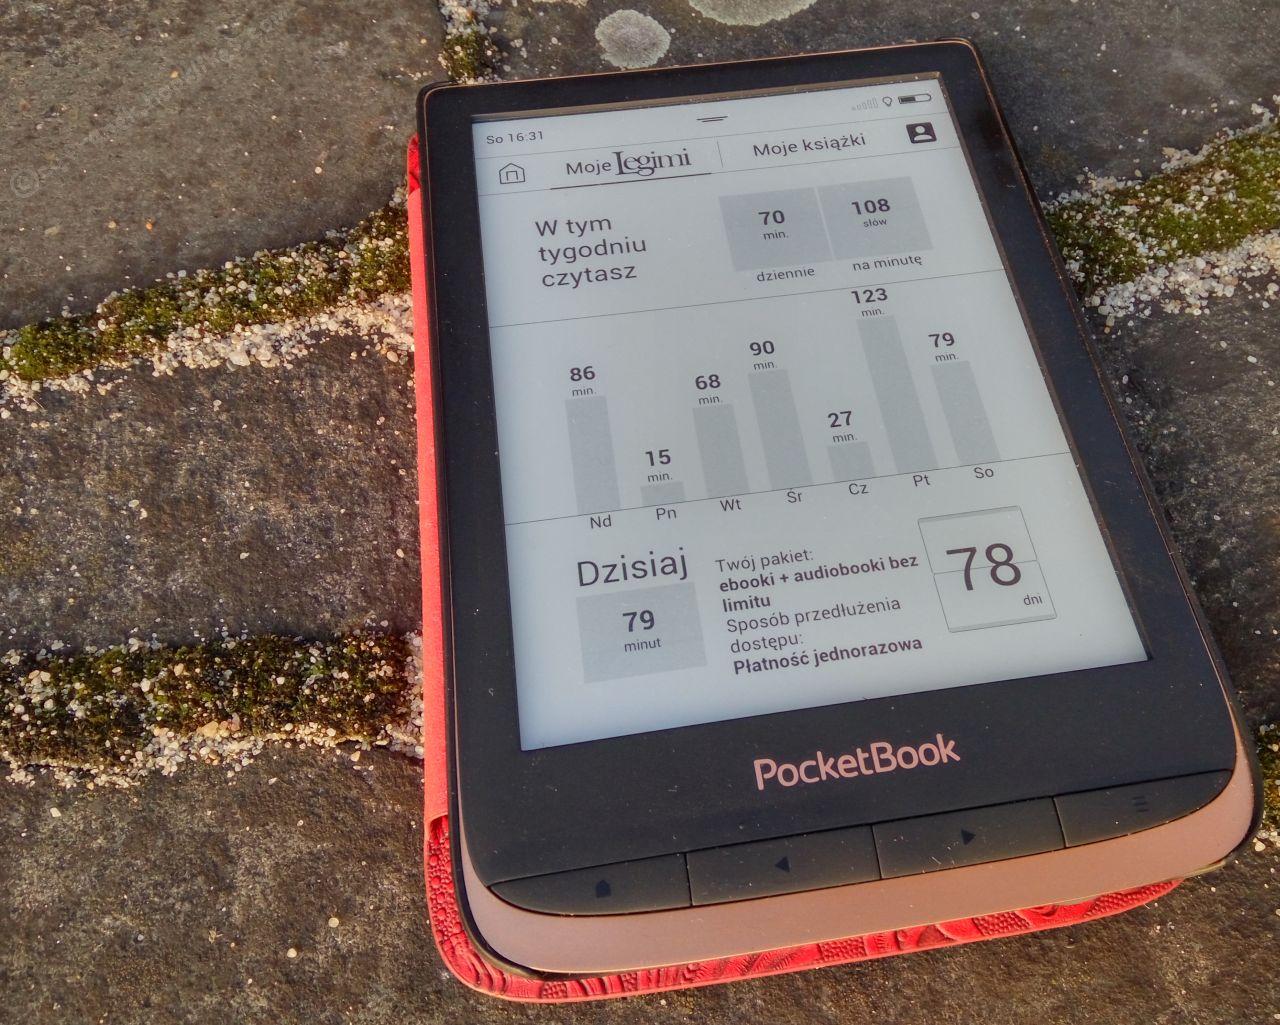 Pocketbook Touch Hd 3 Już Obsługuje Wypożyczalnię Legimi